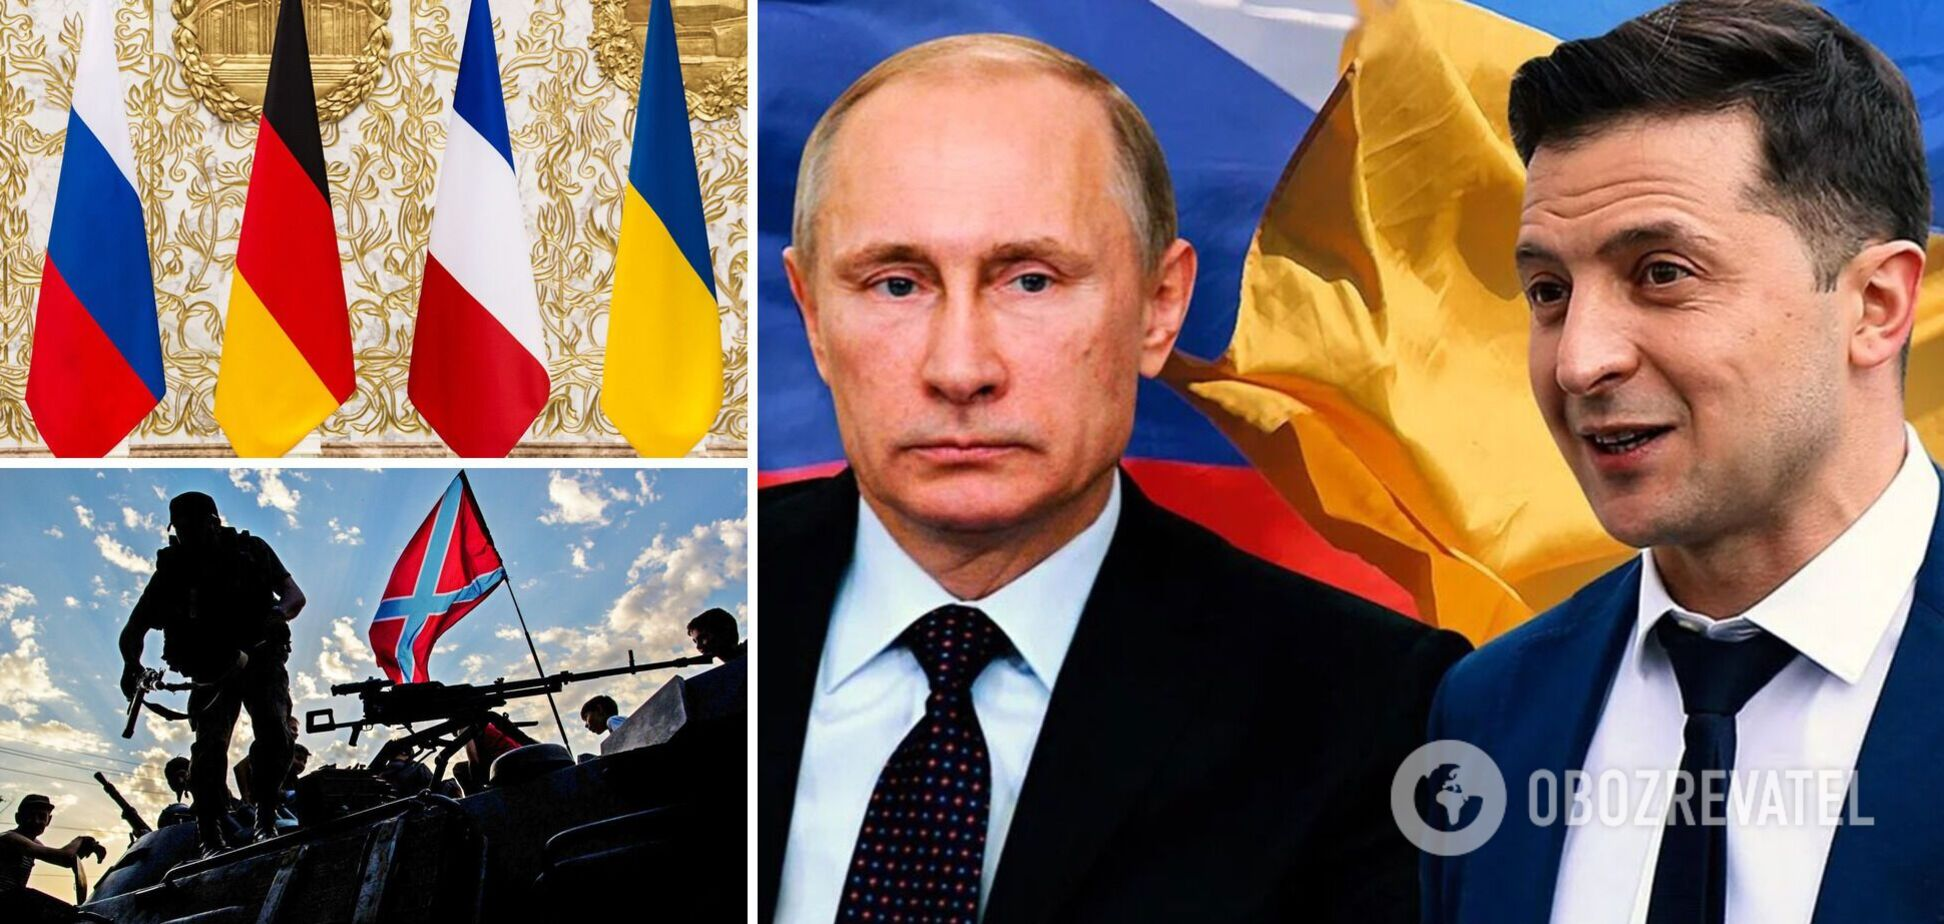 Президент Украины Владимир Зеленский предложил расширить нормандский формат